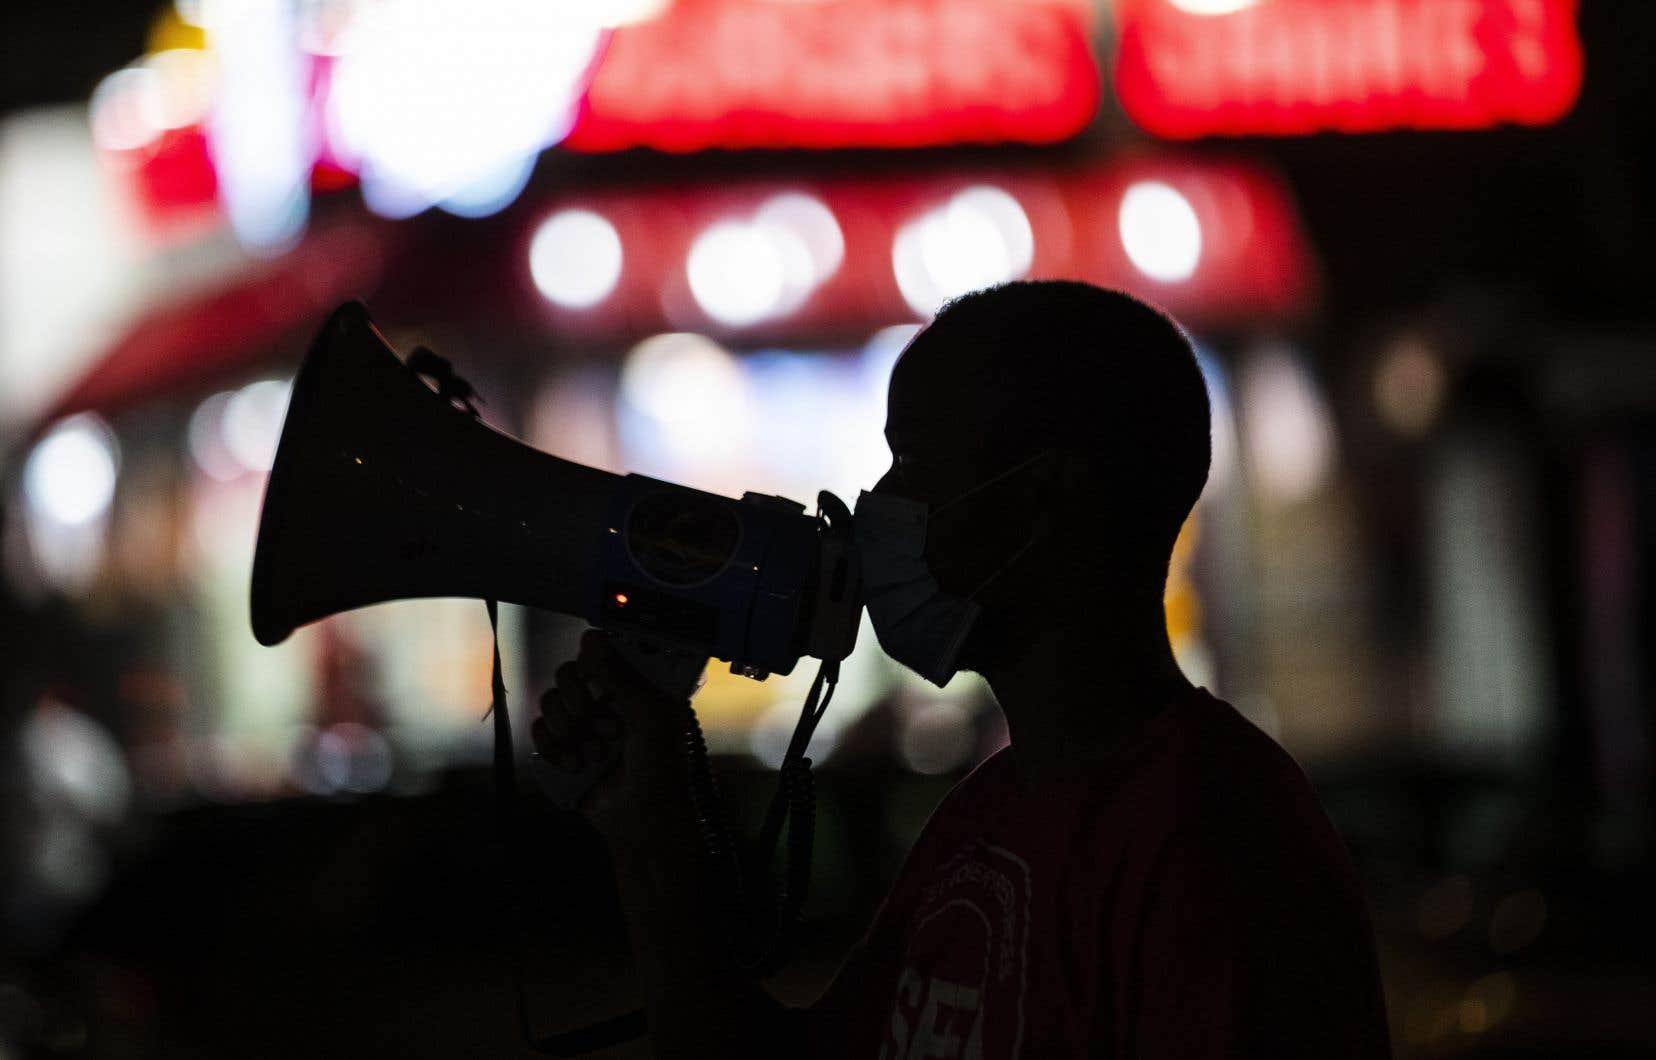 «La censure bien-pensante est bel et bien présente et nous devons, défenseurs de la liberté d'expression, mettre en avant les contradictions de cette censure», soutient l'auteur.